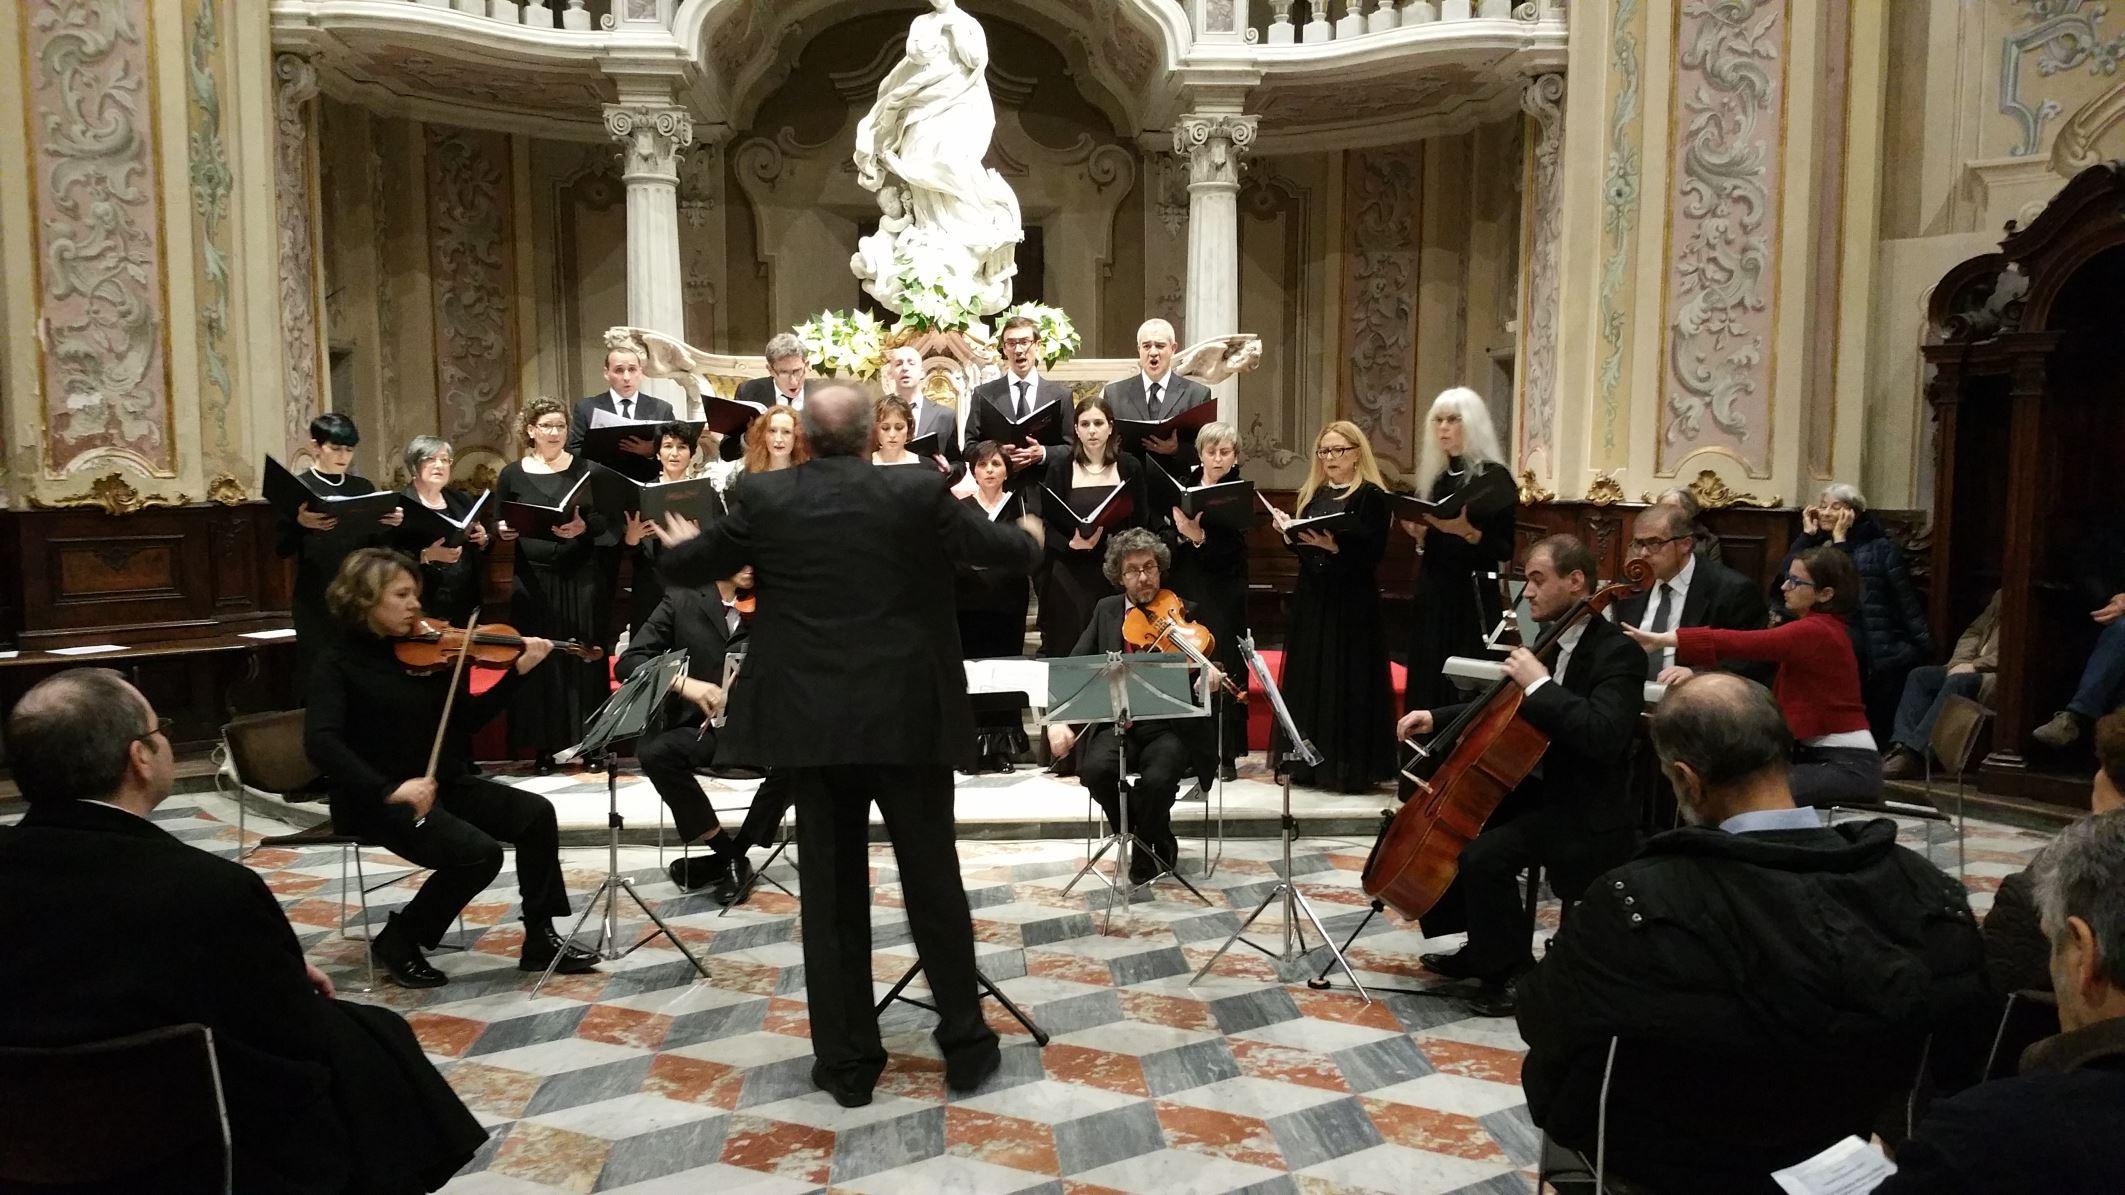 Международный фестиваль духовной музыки и искусства в Ватикане http://travelcalendar.ru/wp-content/uploads/2015/07/foto-concerto-Immacolata-5.jpg